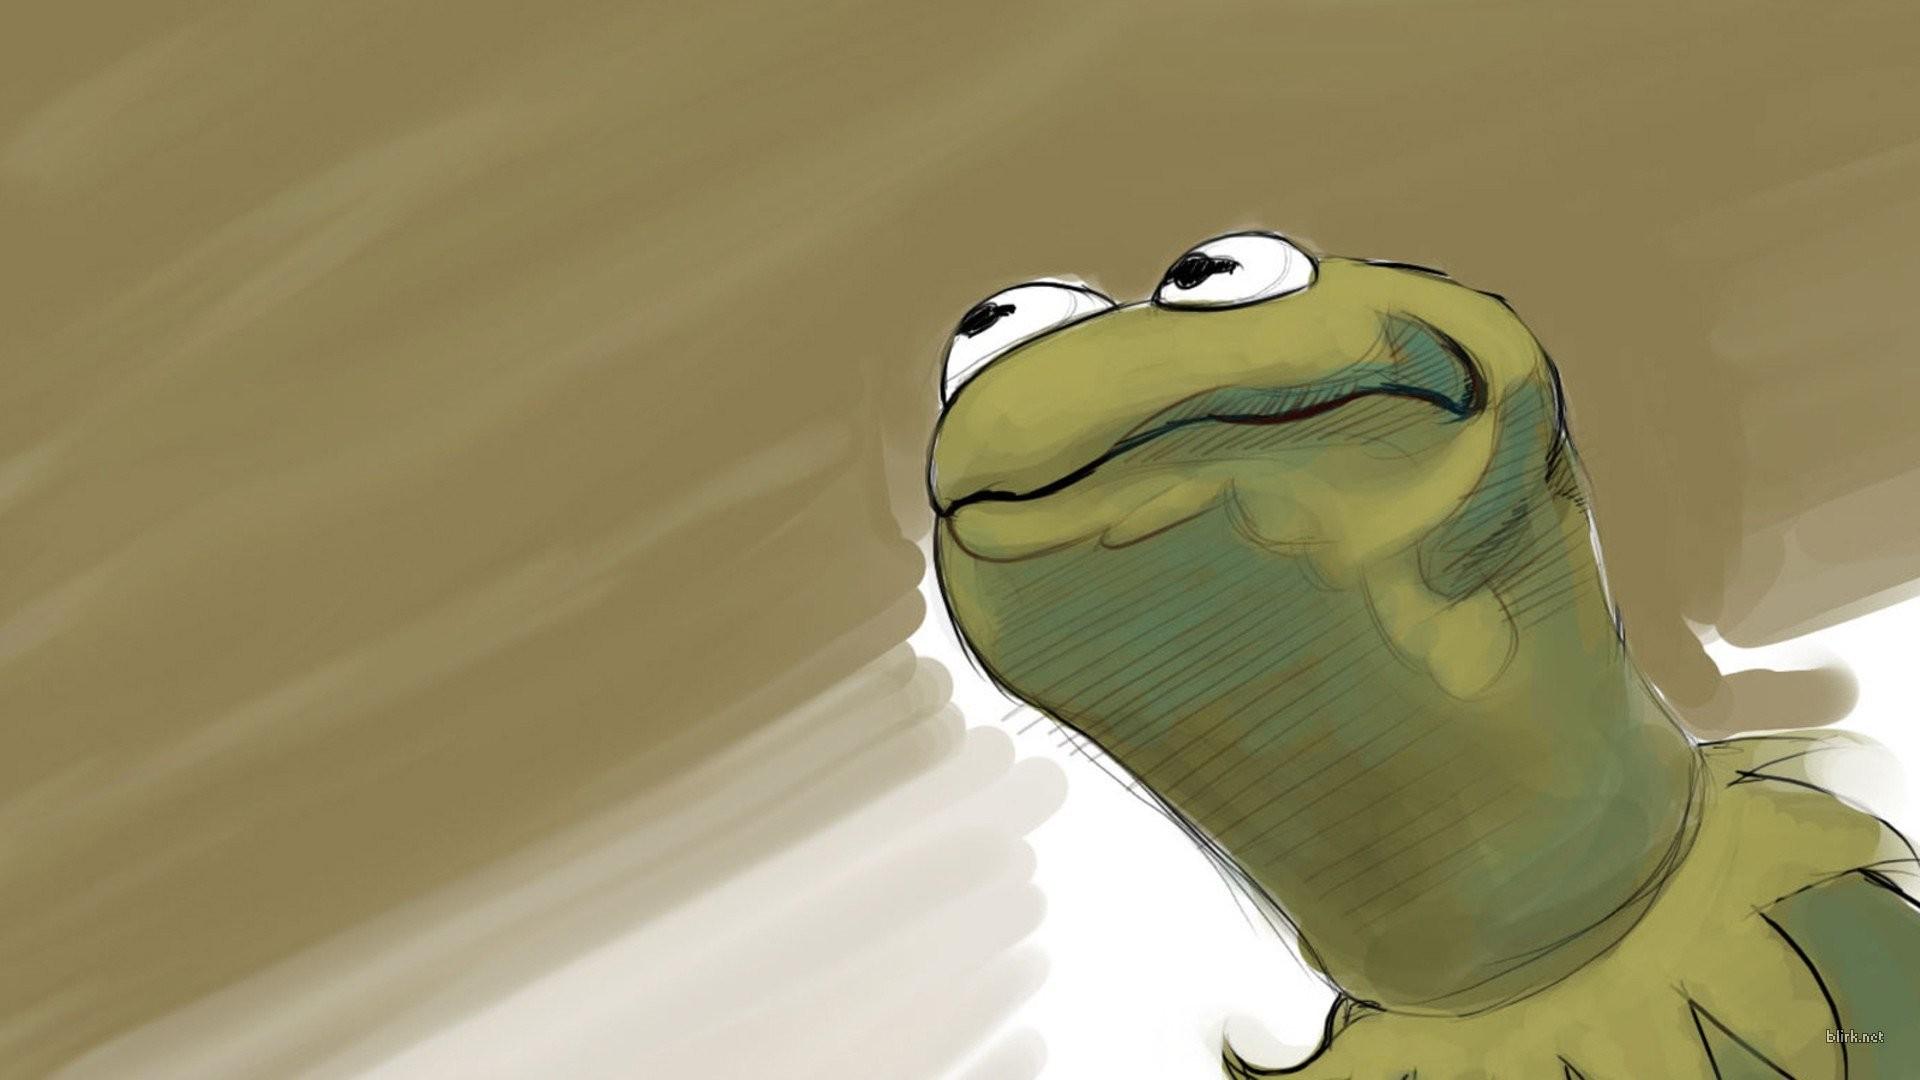 Kermit 466359 · kermit